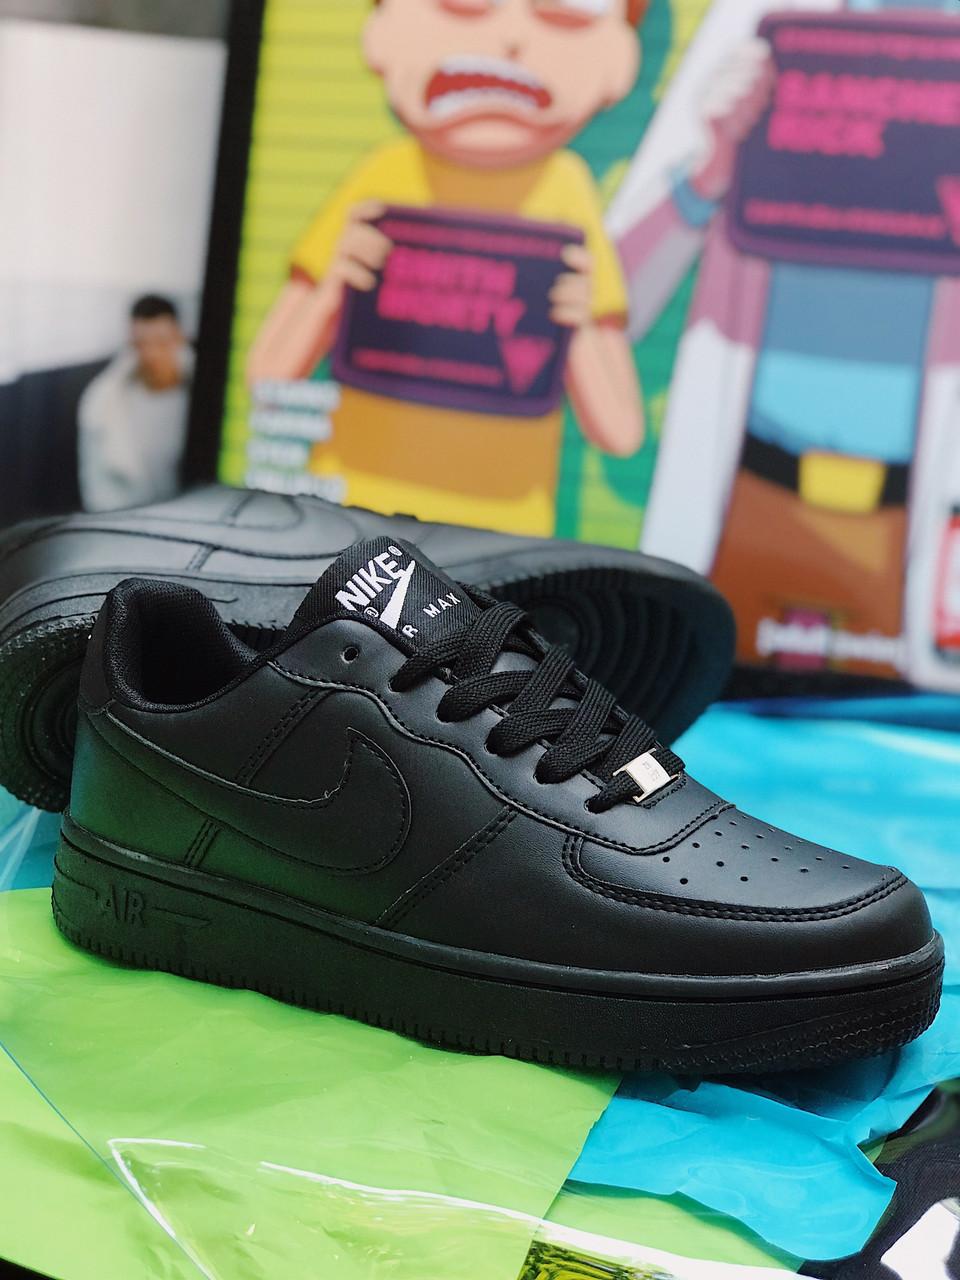 Мужские кроссовкиNike Air Force мужская обувь черные кроссовки найк